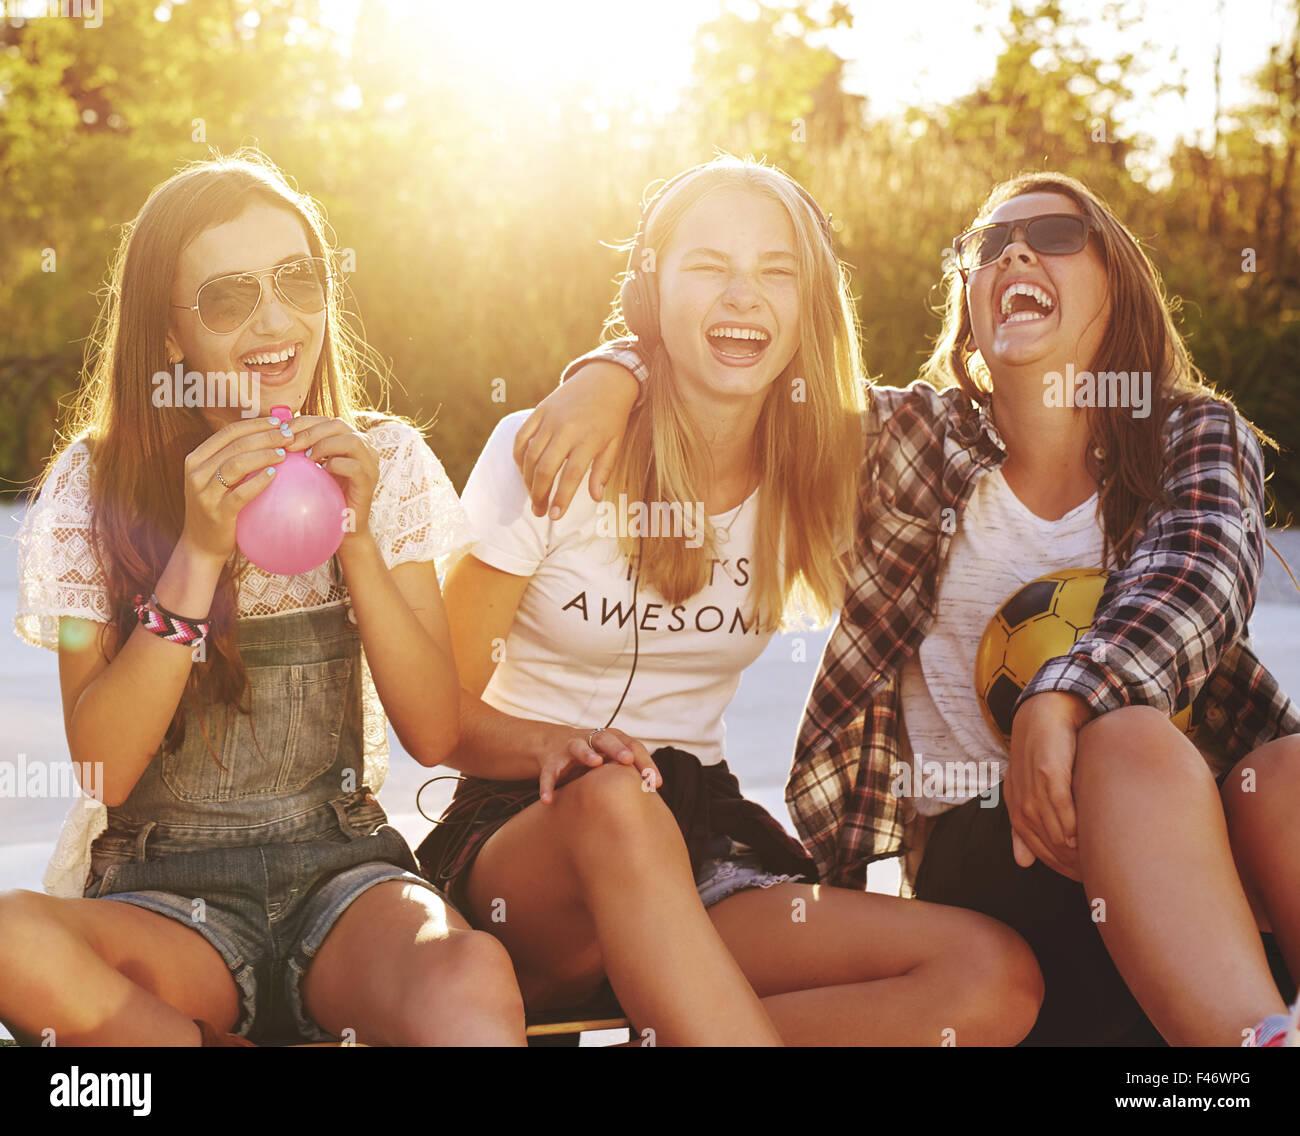 Un gruppo di ragazze di ridere mentre seduto fuori godendo l'estate Immagini Stock